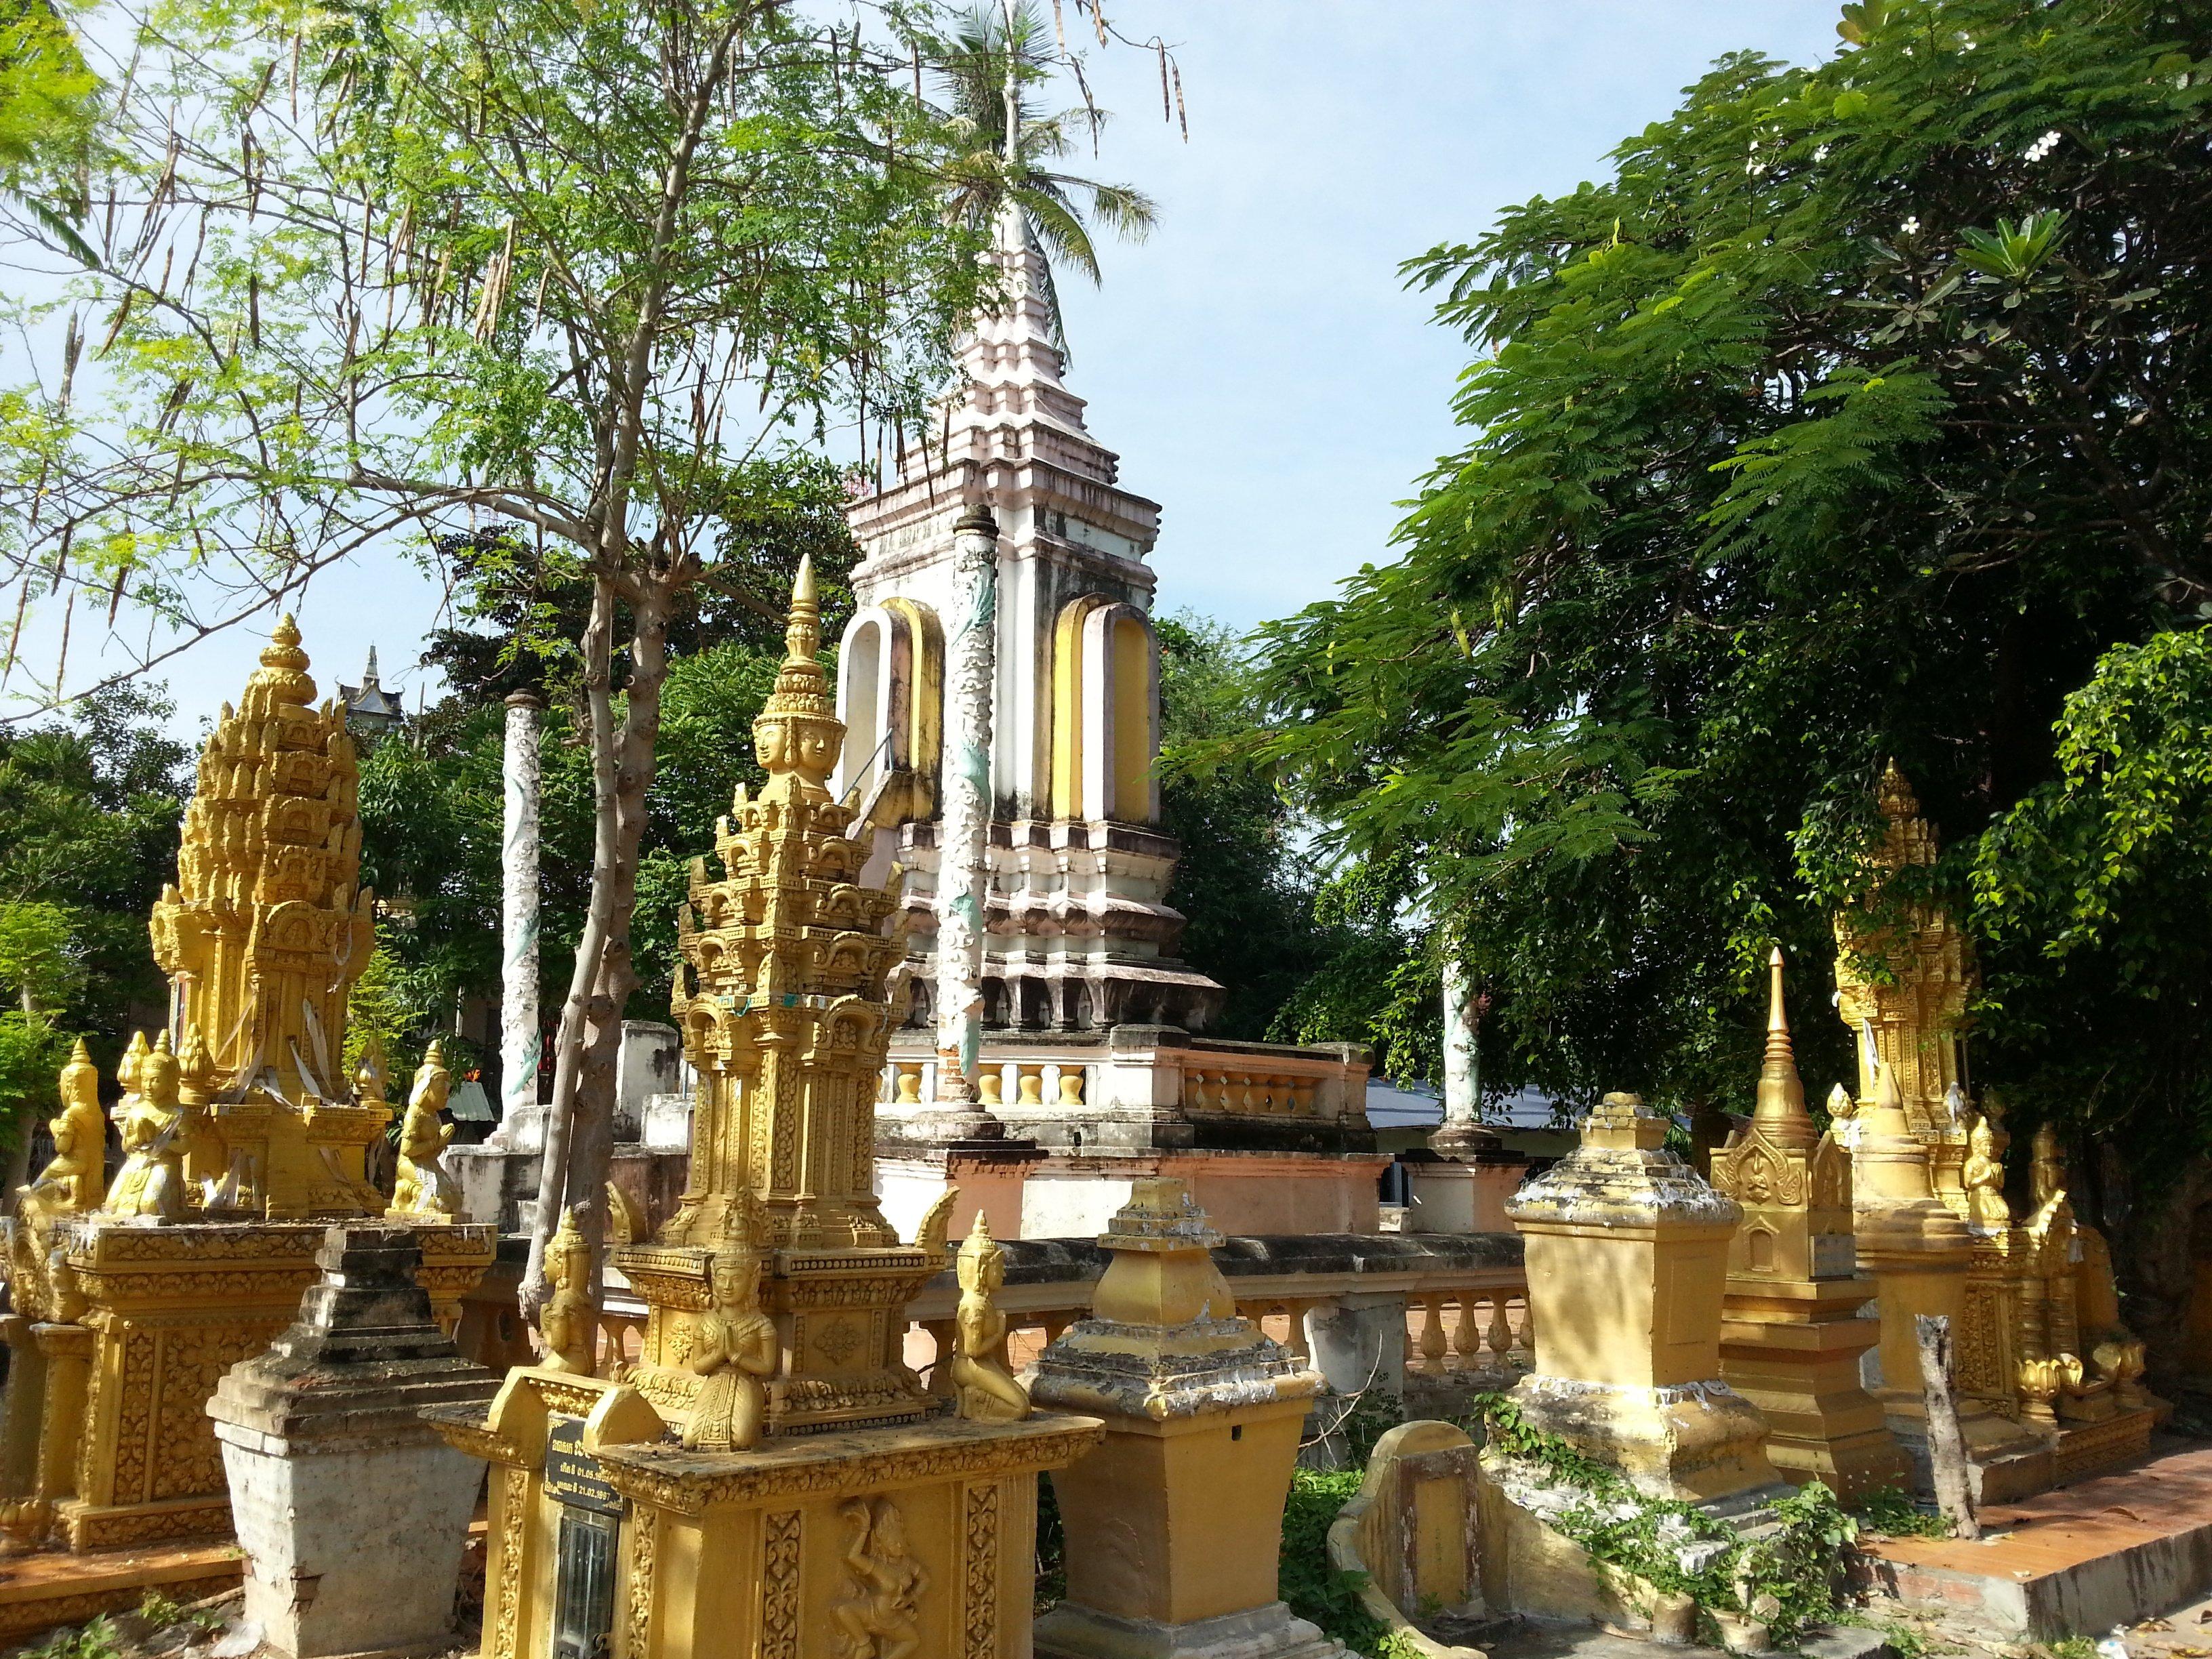 Main chedi at Damrey Sor Pagoda